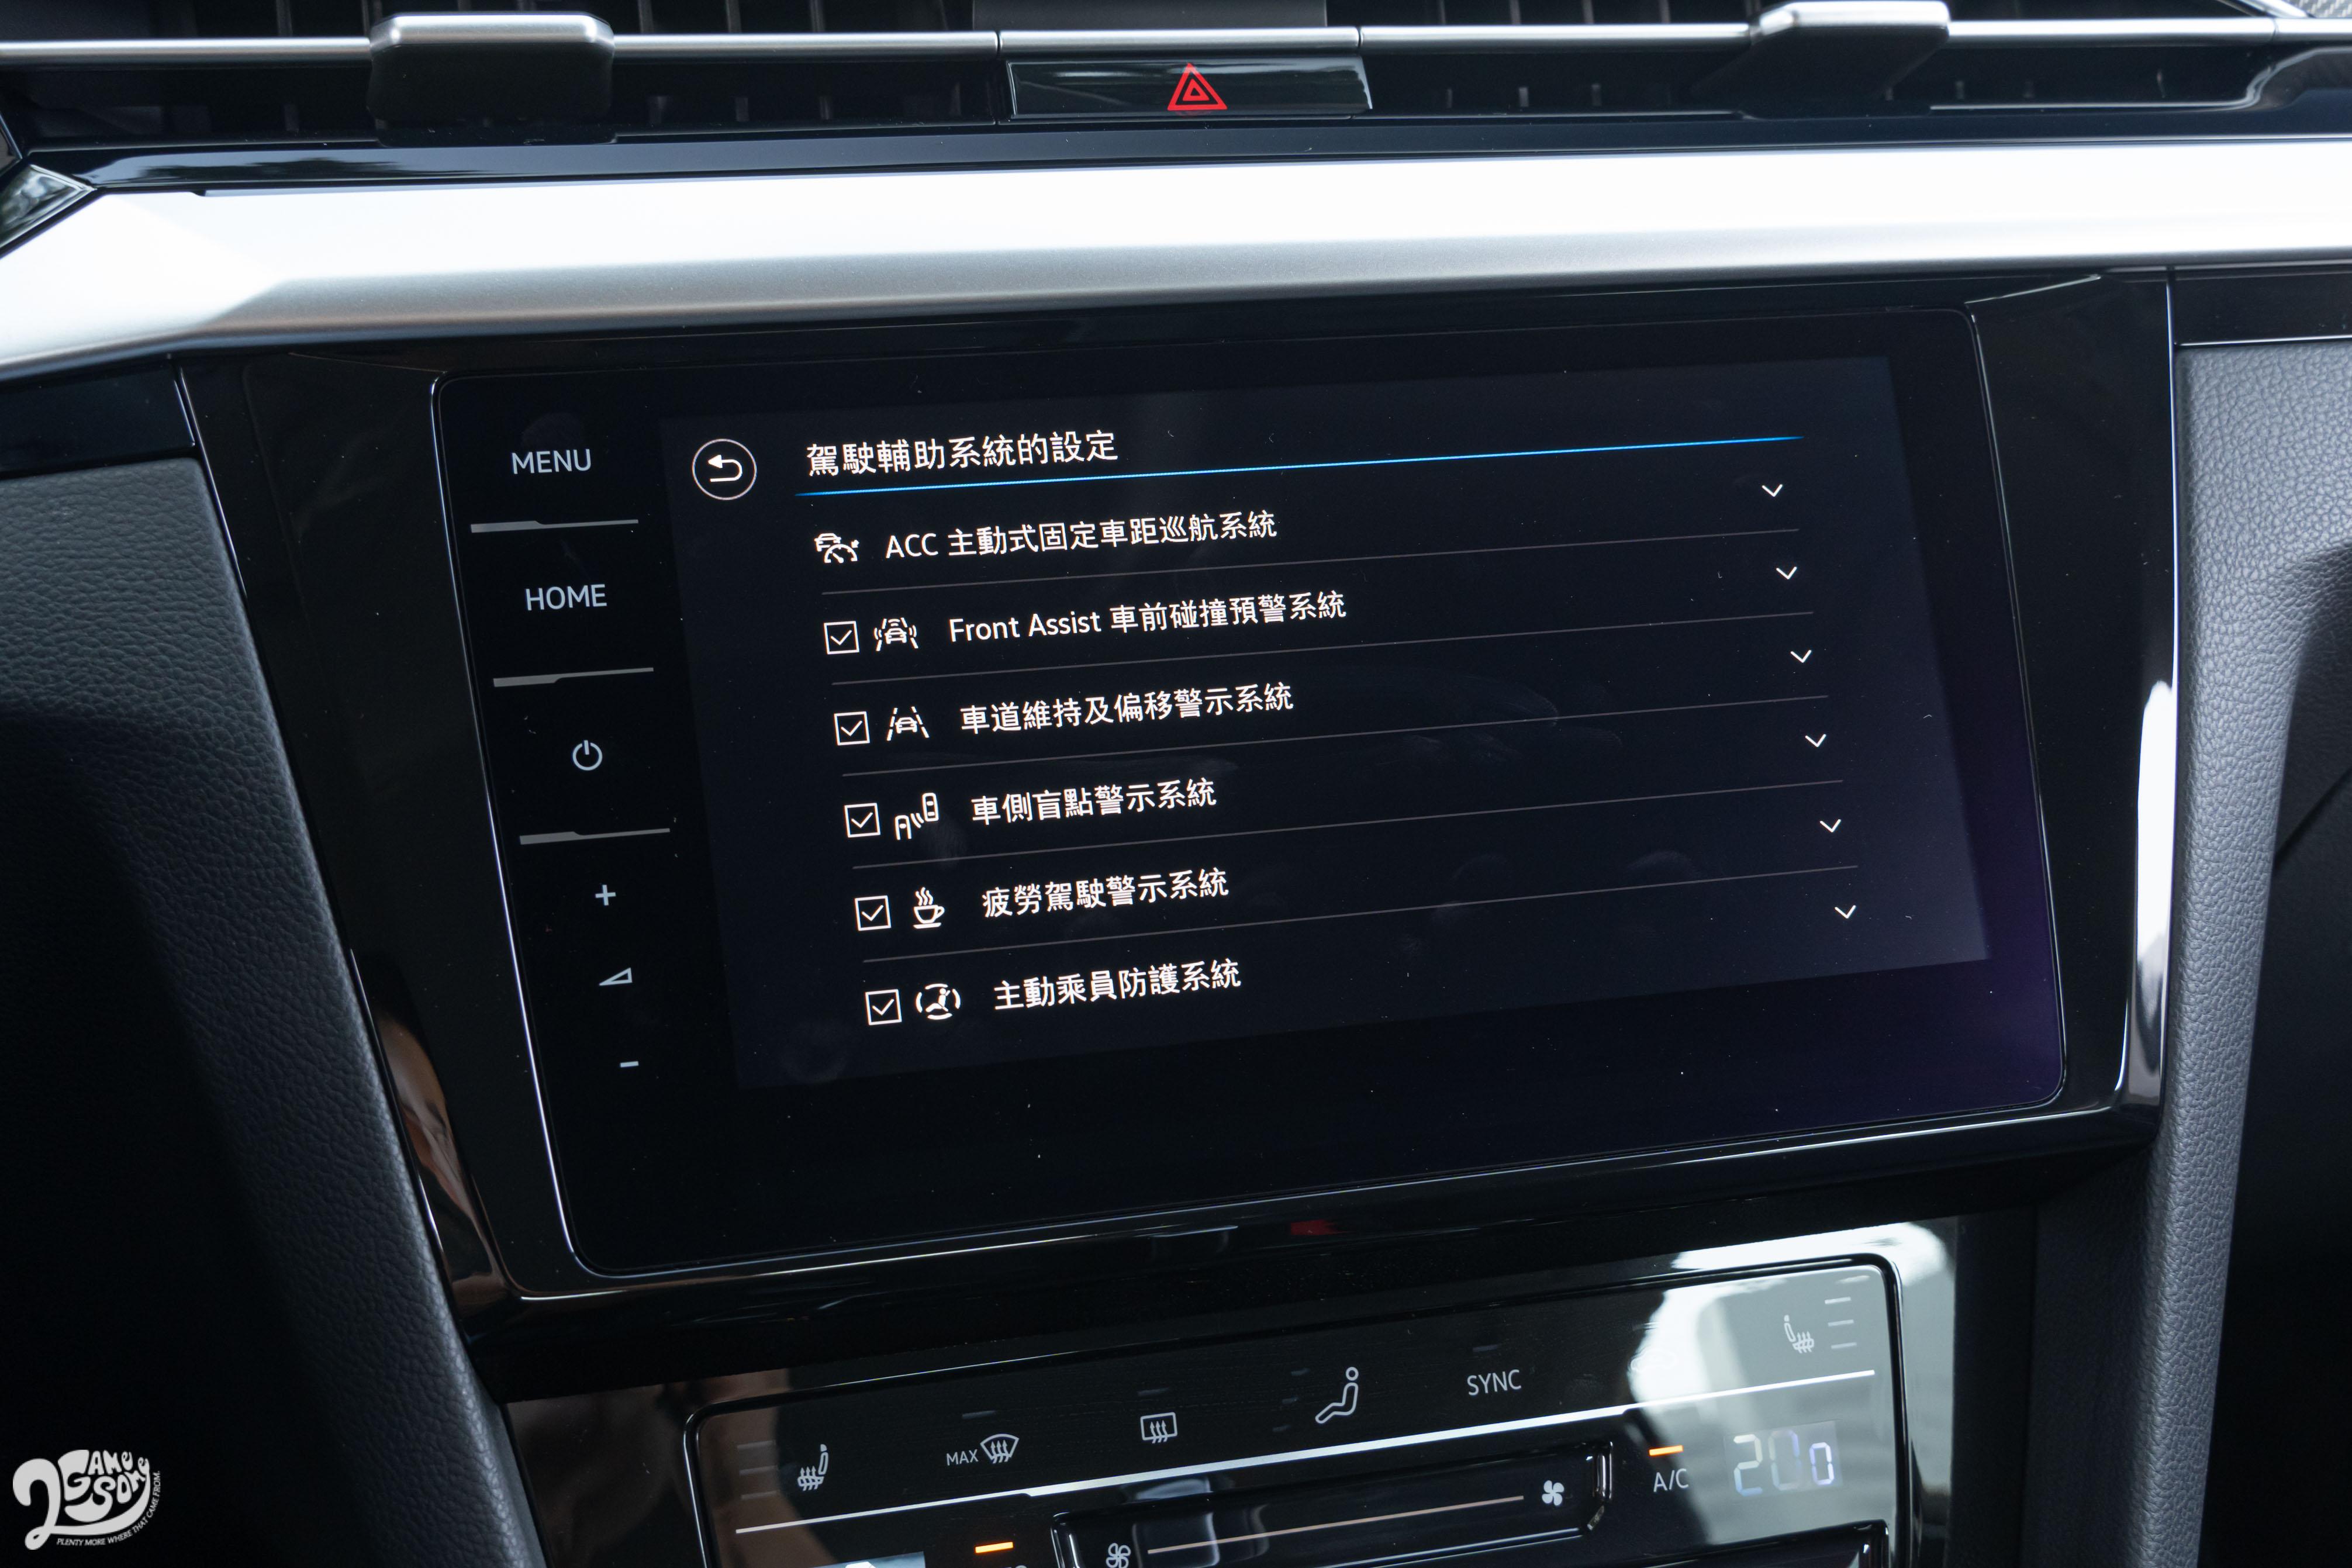 IQ.DRIVE智能駕駛輔助系統包含有全速域 ACC、車道維持及偏移警示系統、360 度環景顯示、9 具氣囊等多項先進主被動安全防護。